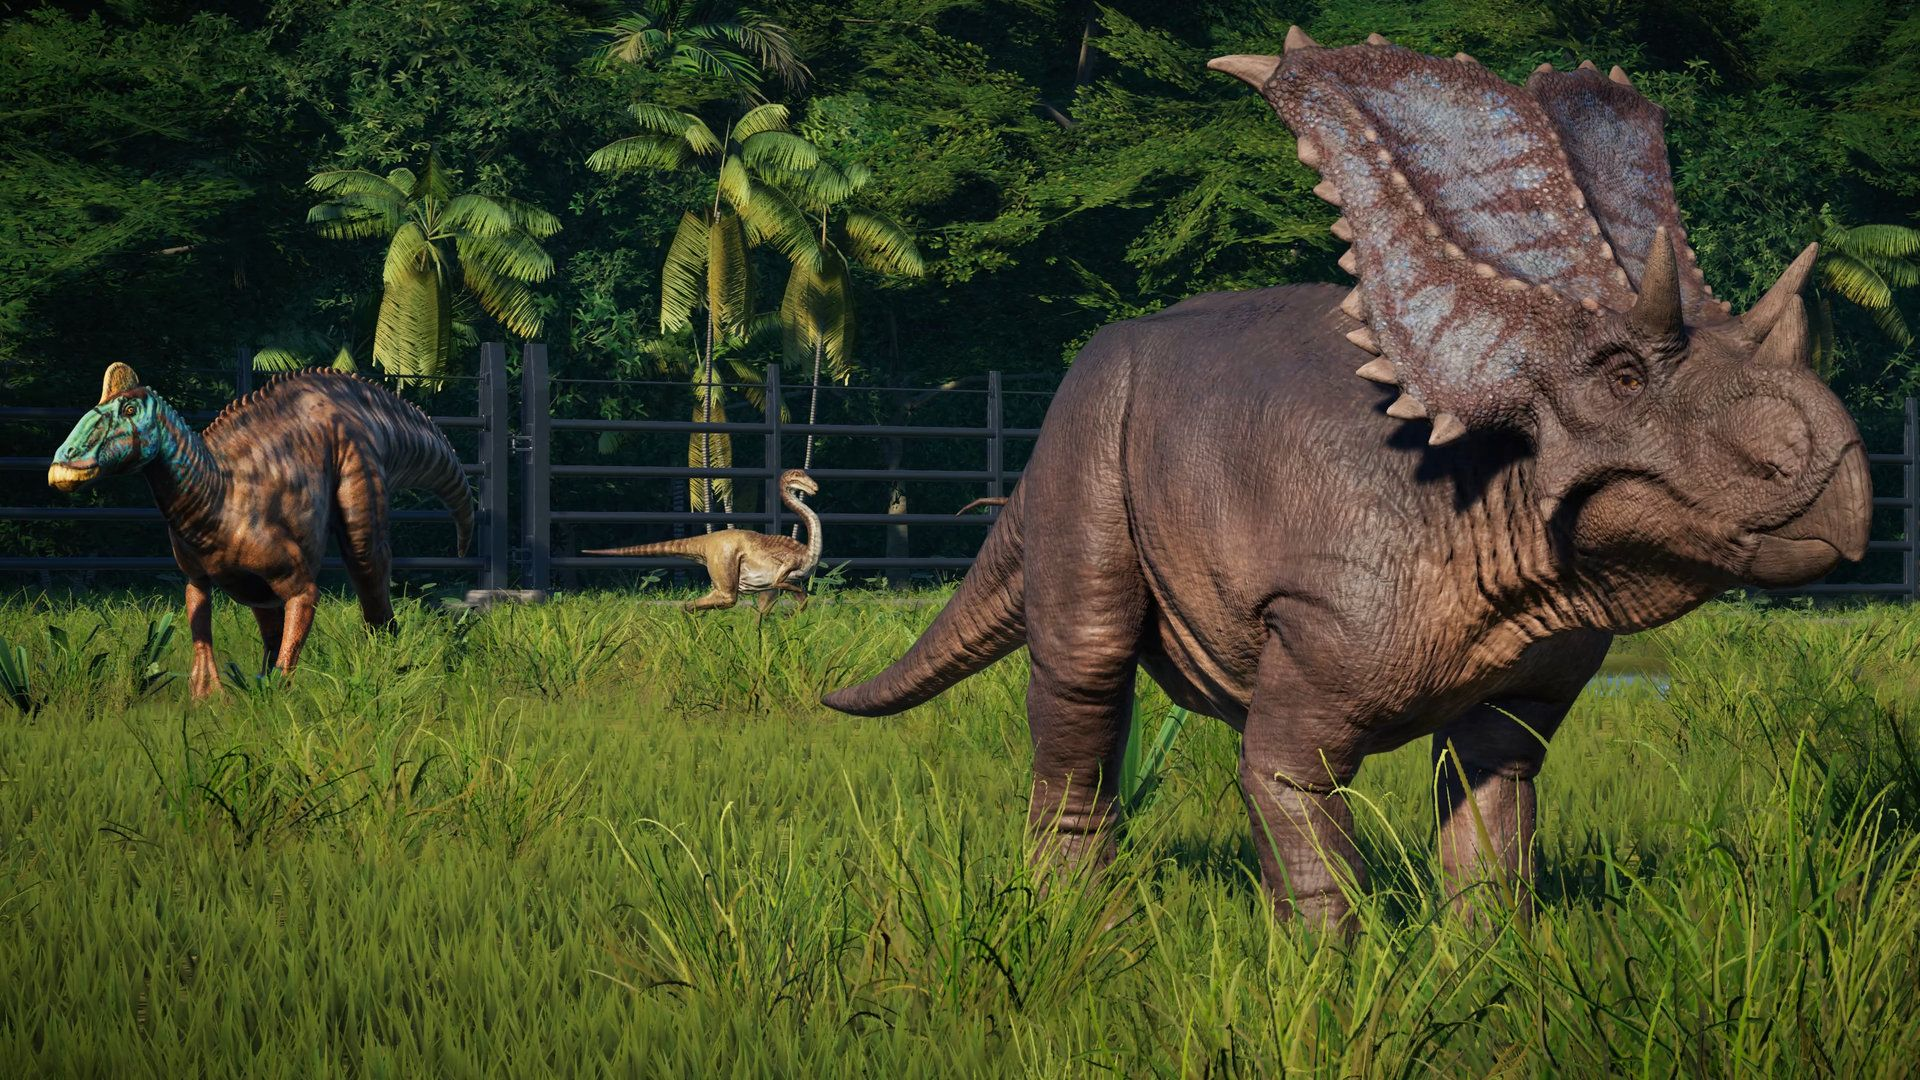 Скриншот 0 - Jurassic World Evolution Deluxe+ВСЕ DLC [оффлайн активация]